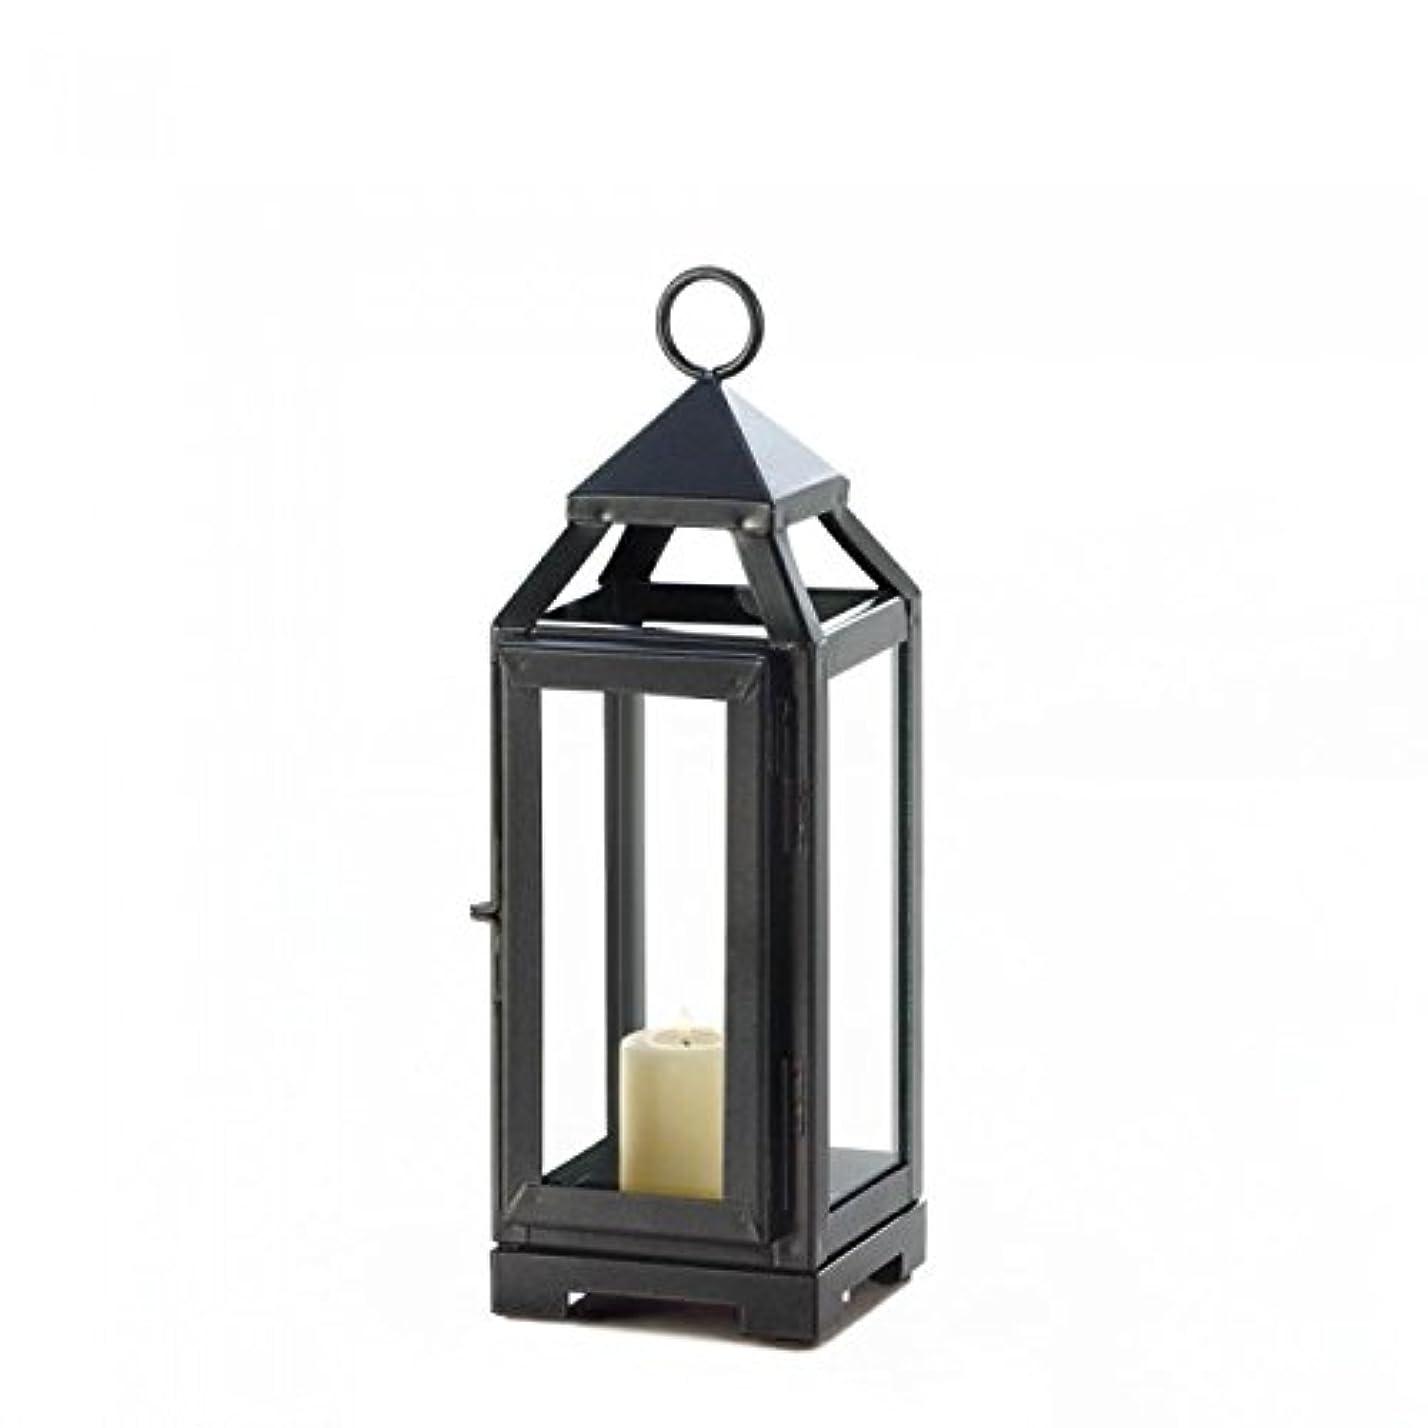 百予測Gallery of Light 10018134 Dark Gray Sleek Contemporary Candle Lantern - 11 in.